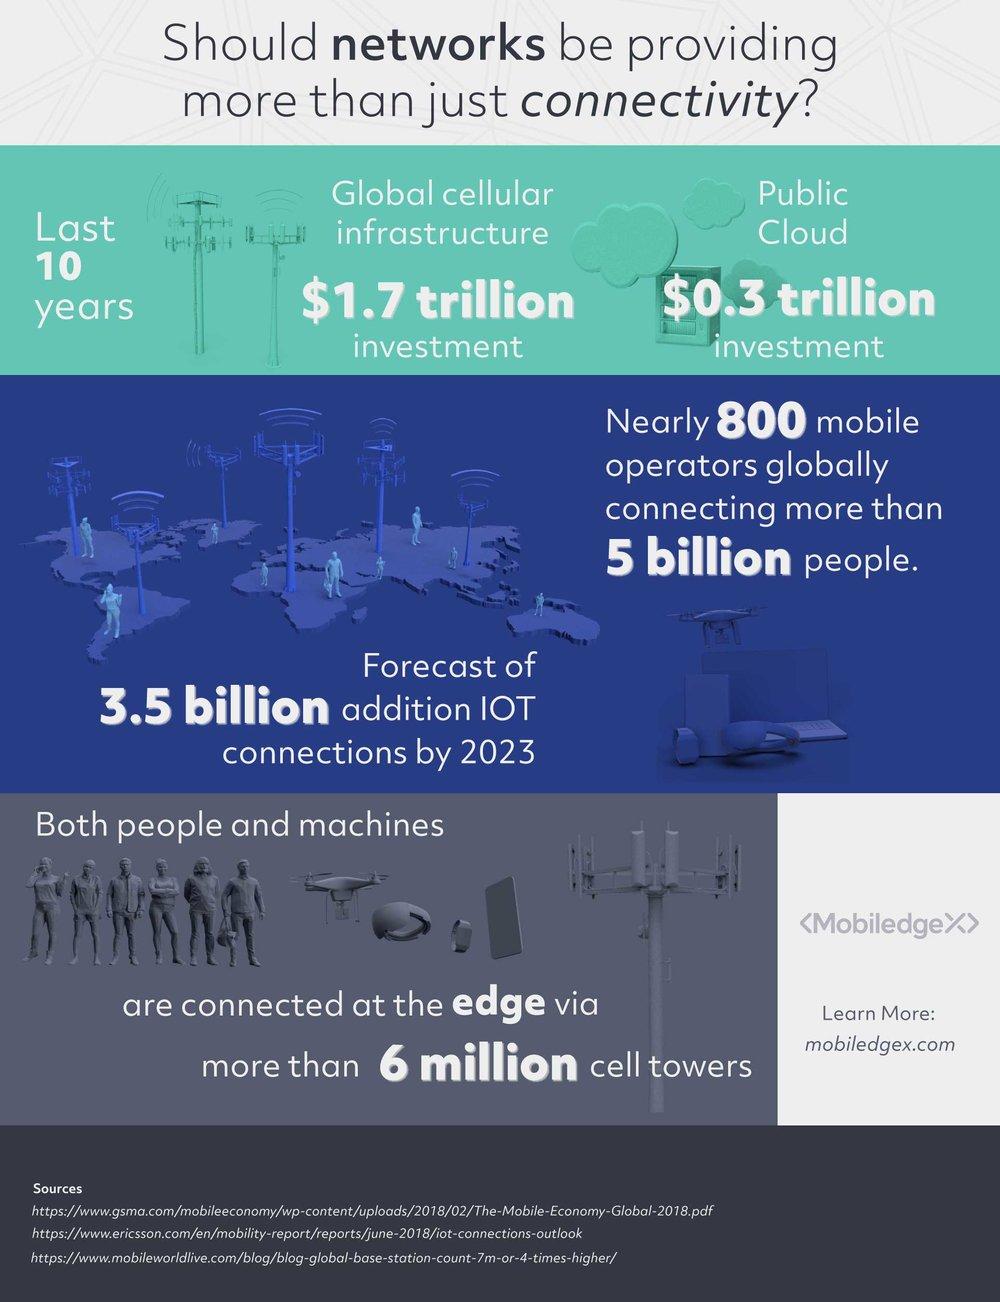 Edge_scale_infographic.jpg